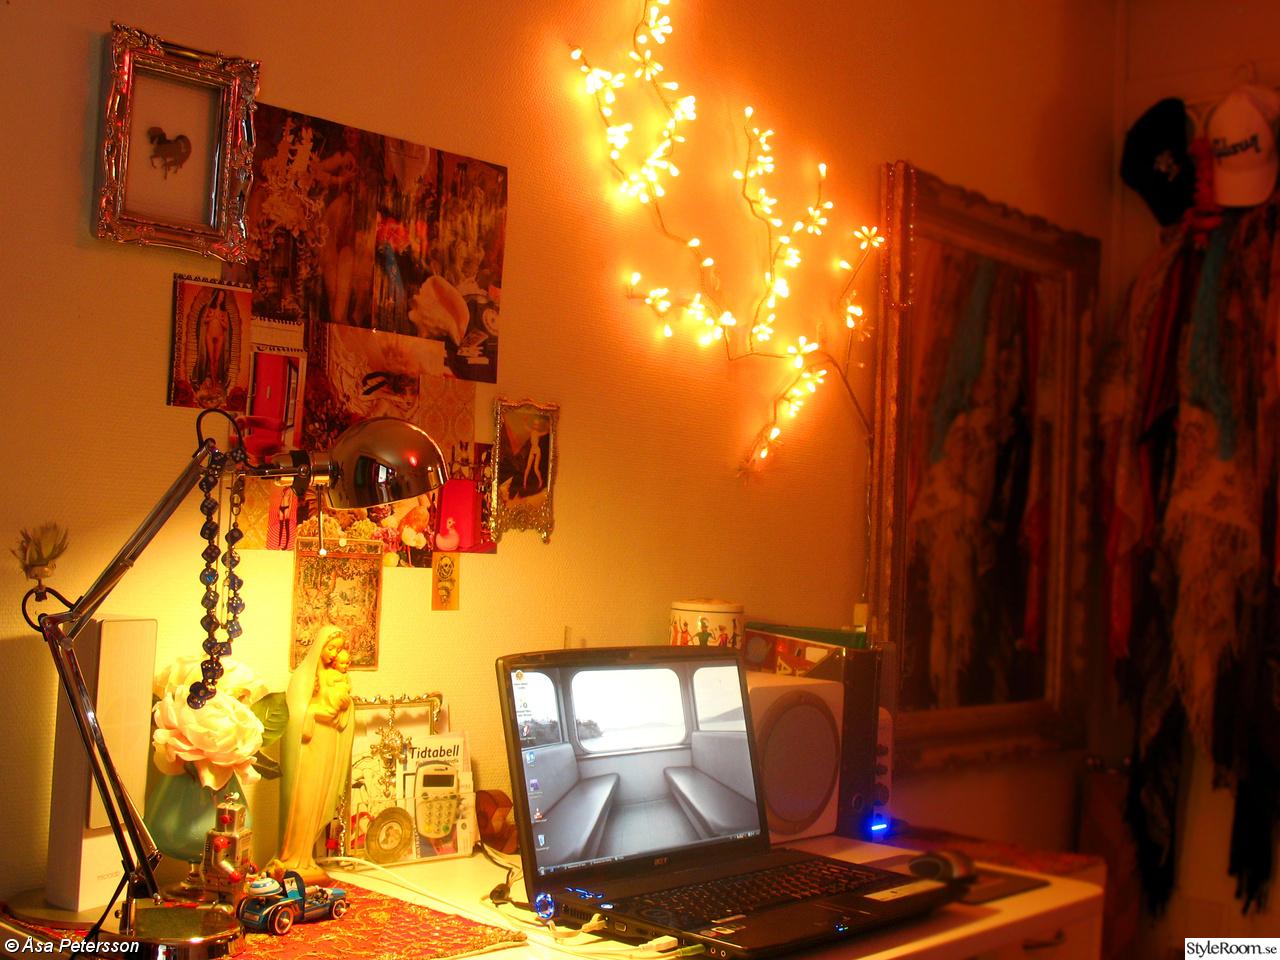 Dekoration sovrum   inspiration och idéer till ditt hem